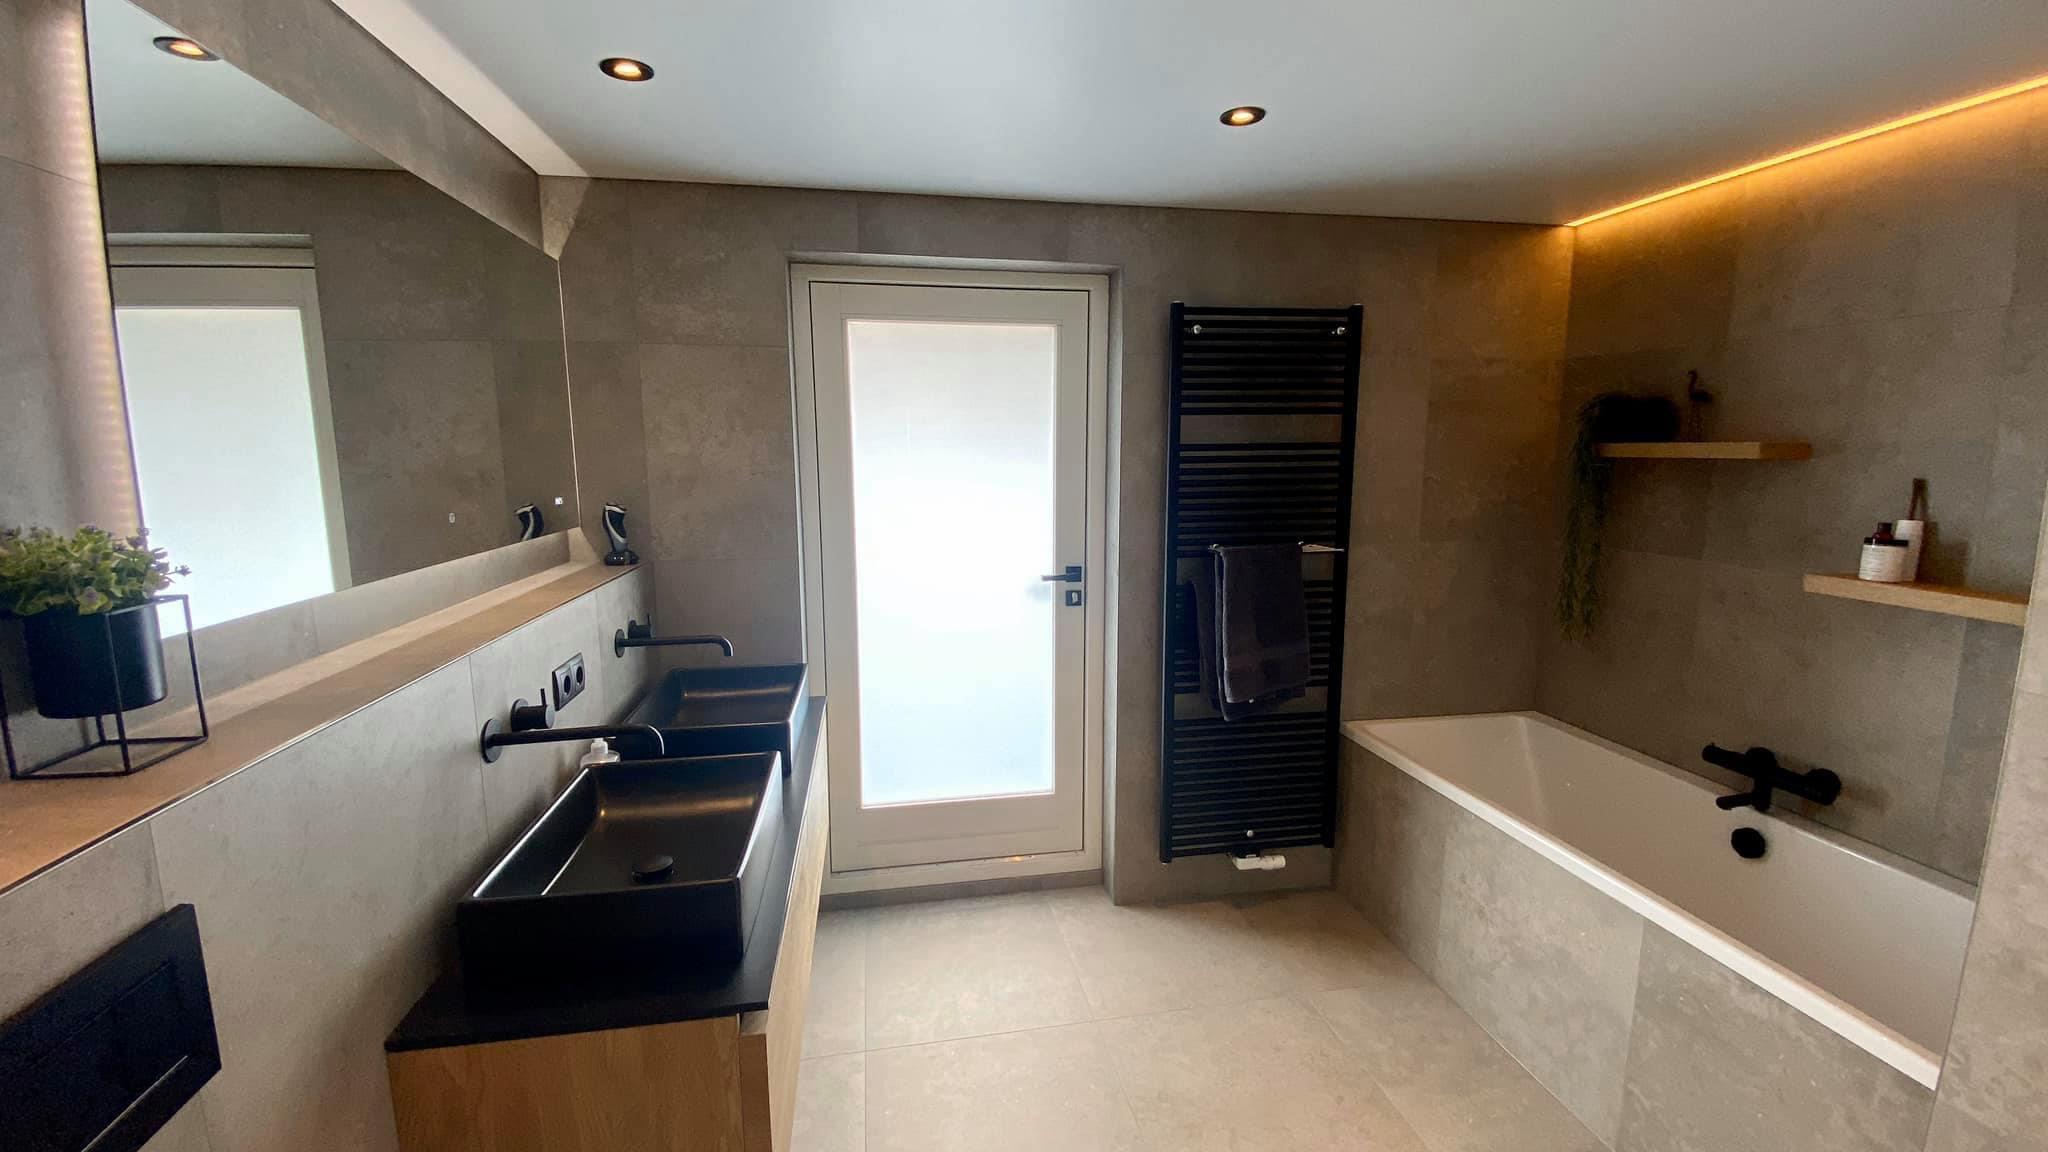 spanplafond in uw badkamer zowel spotjes en rand LED licht